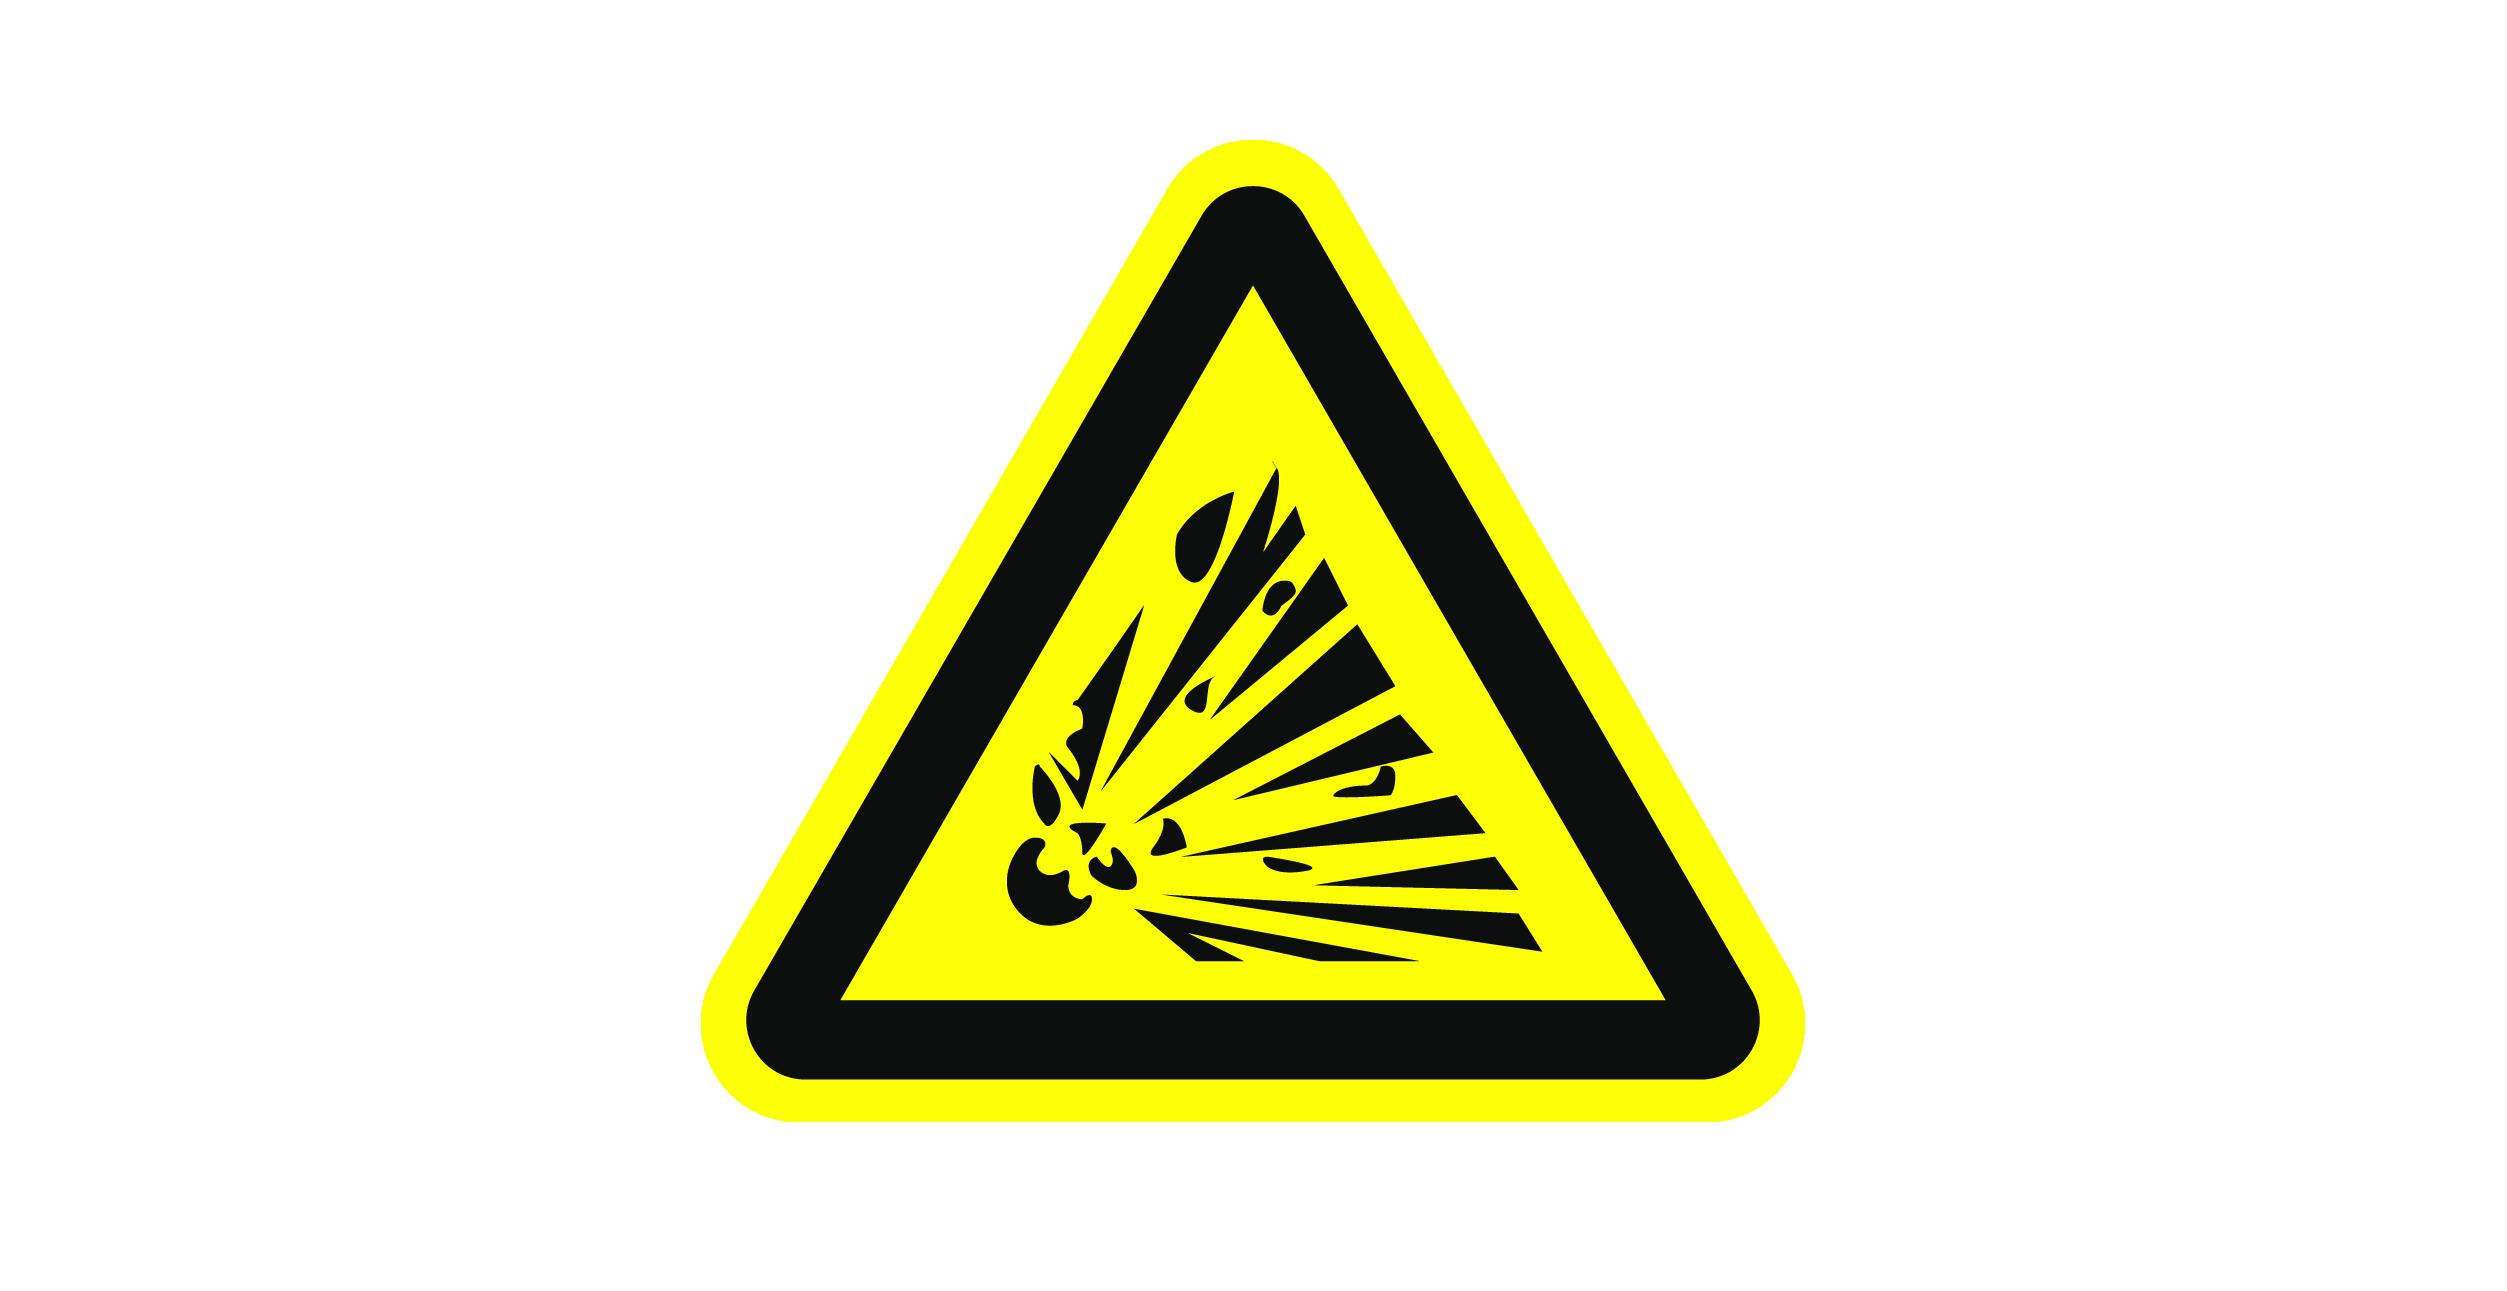 粉尘防爆标志